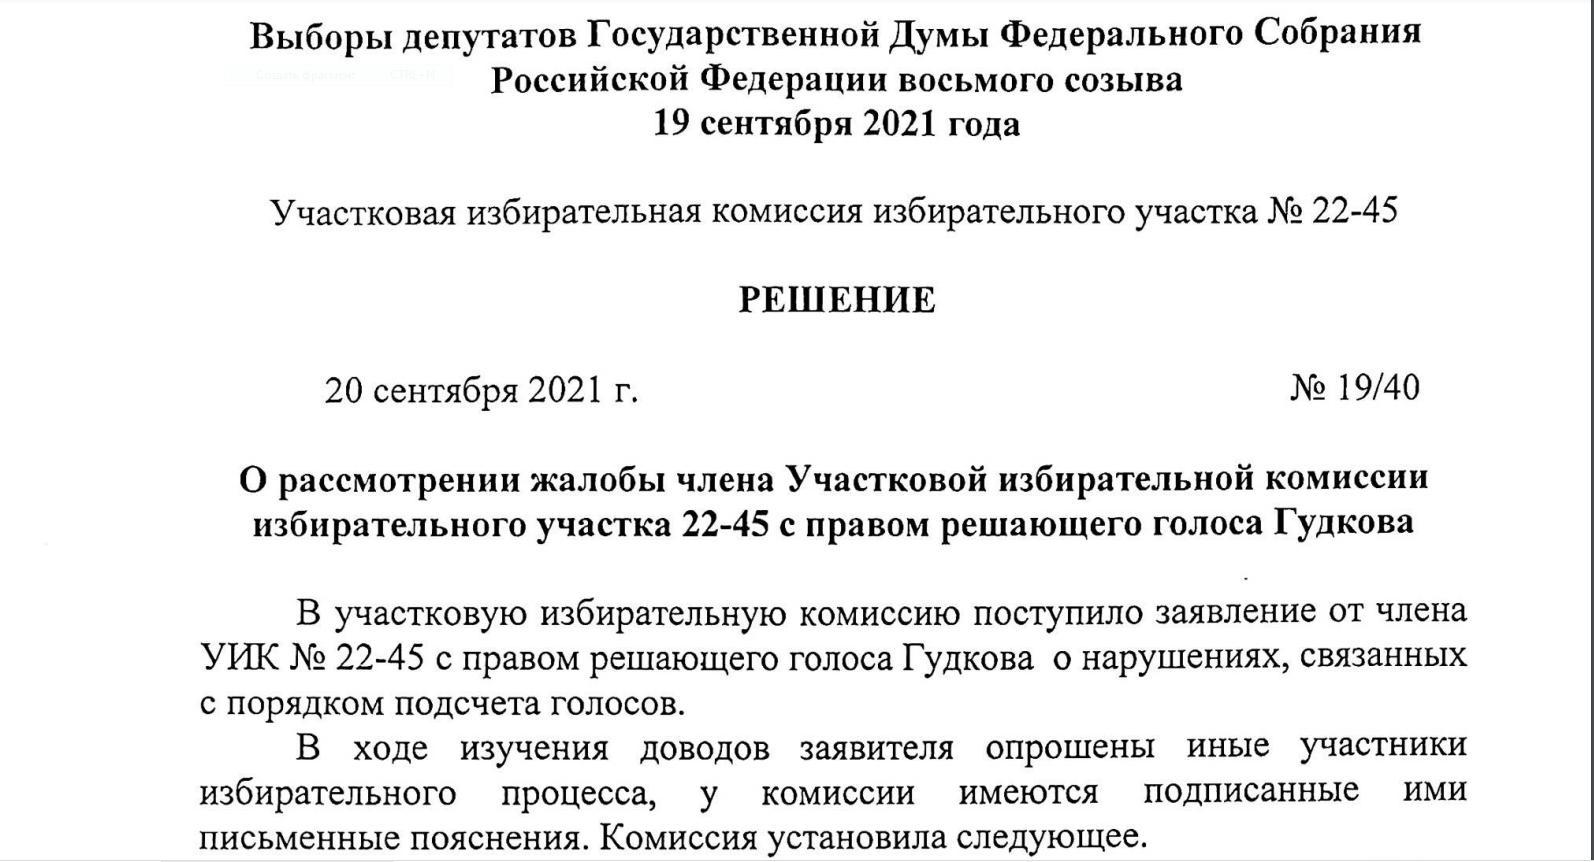 https://www.livekuban.ru/news/politika/vlasti-krasnodara-vmeshivayutsya-v-protsess-provedeniya-vyborov-video/